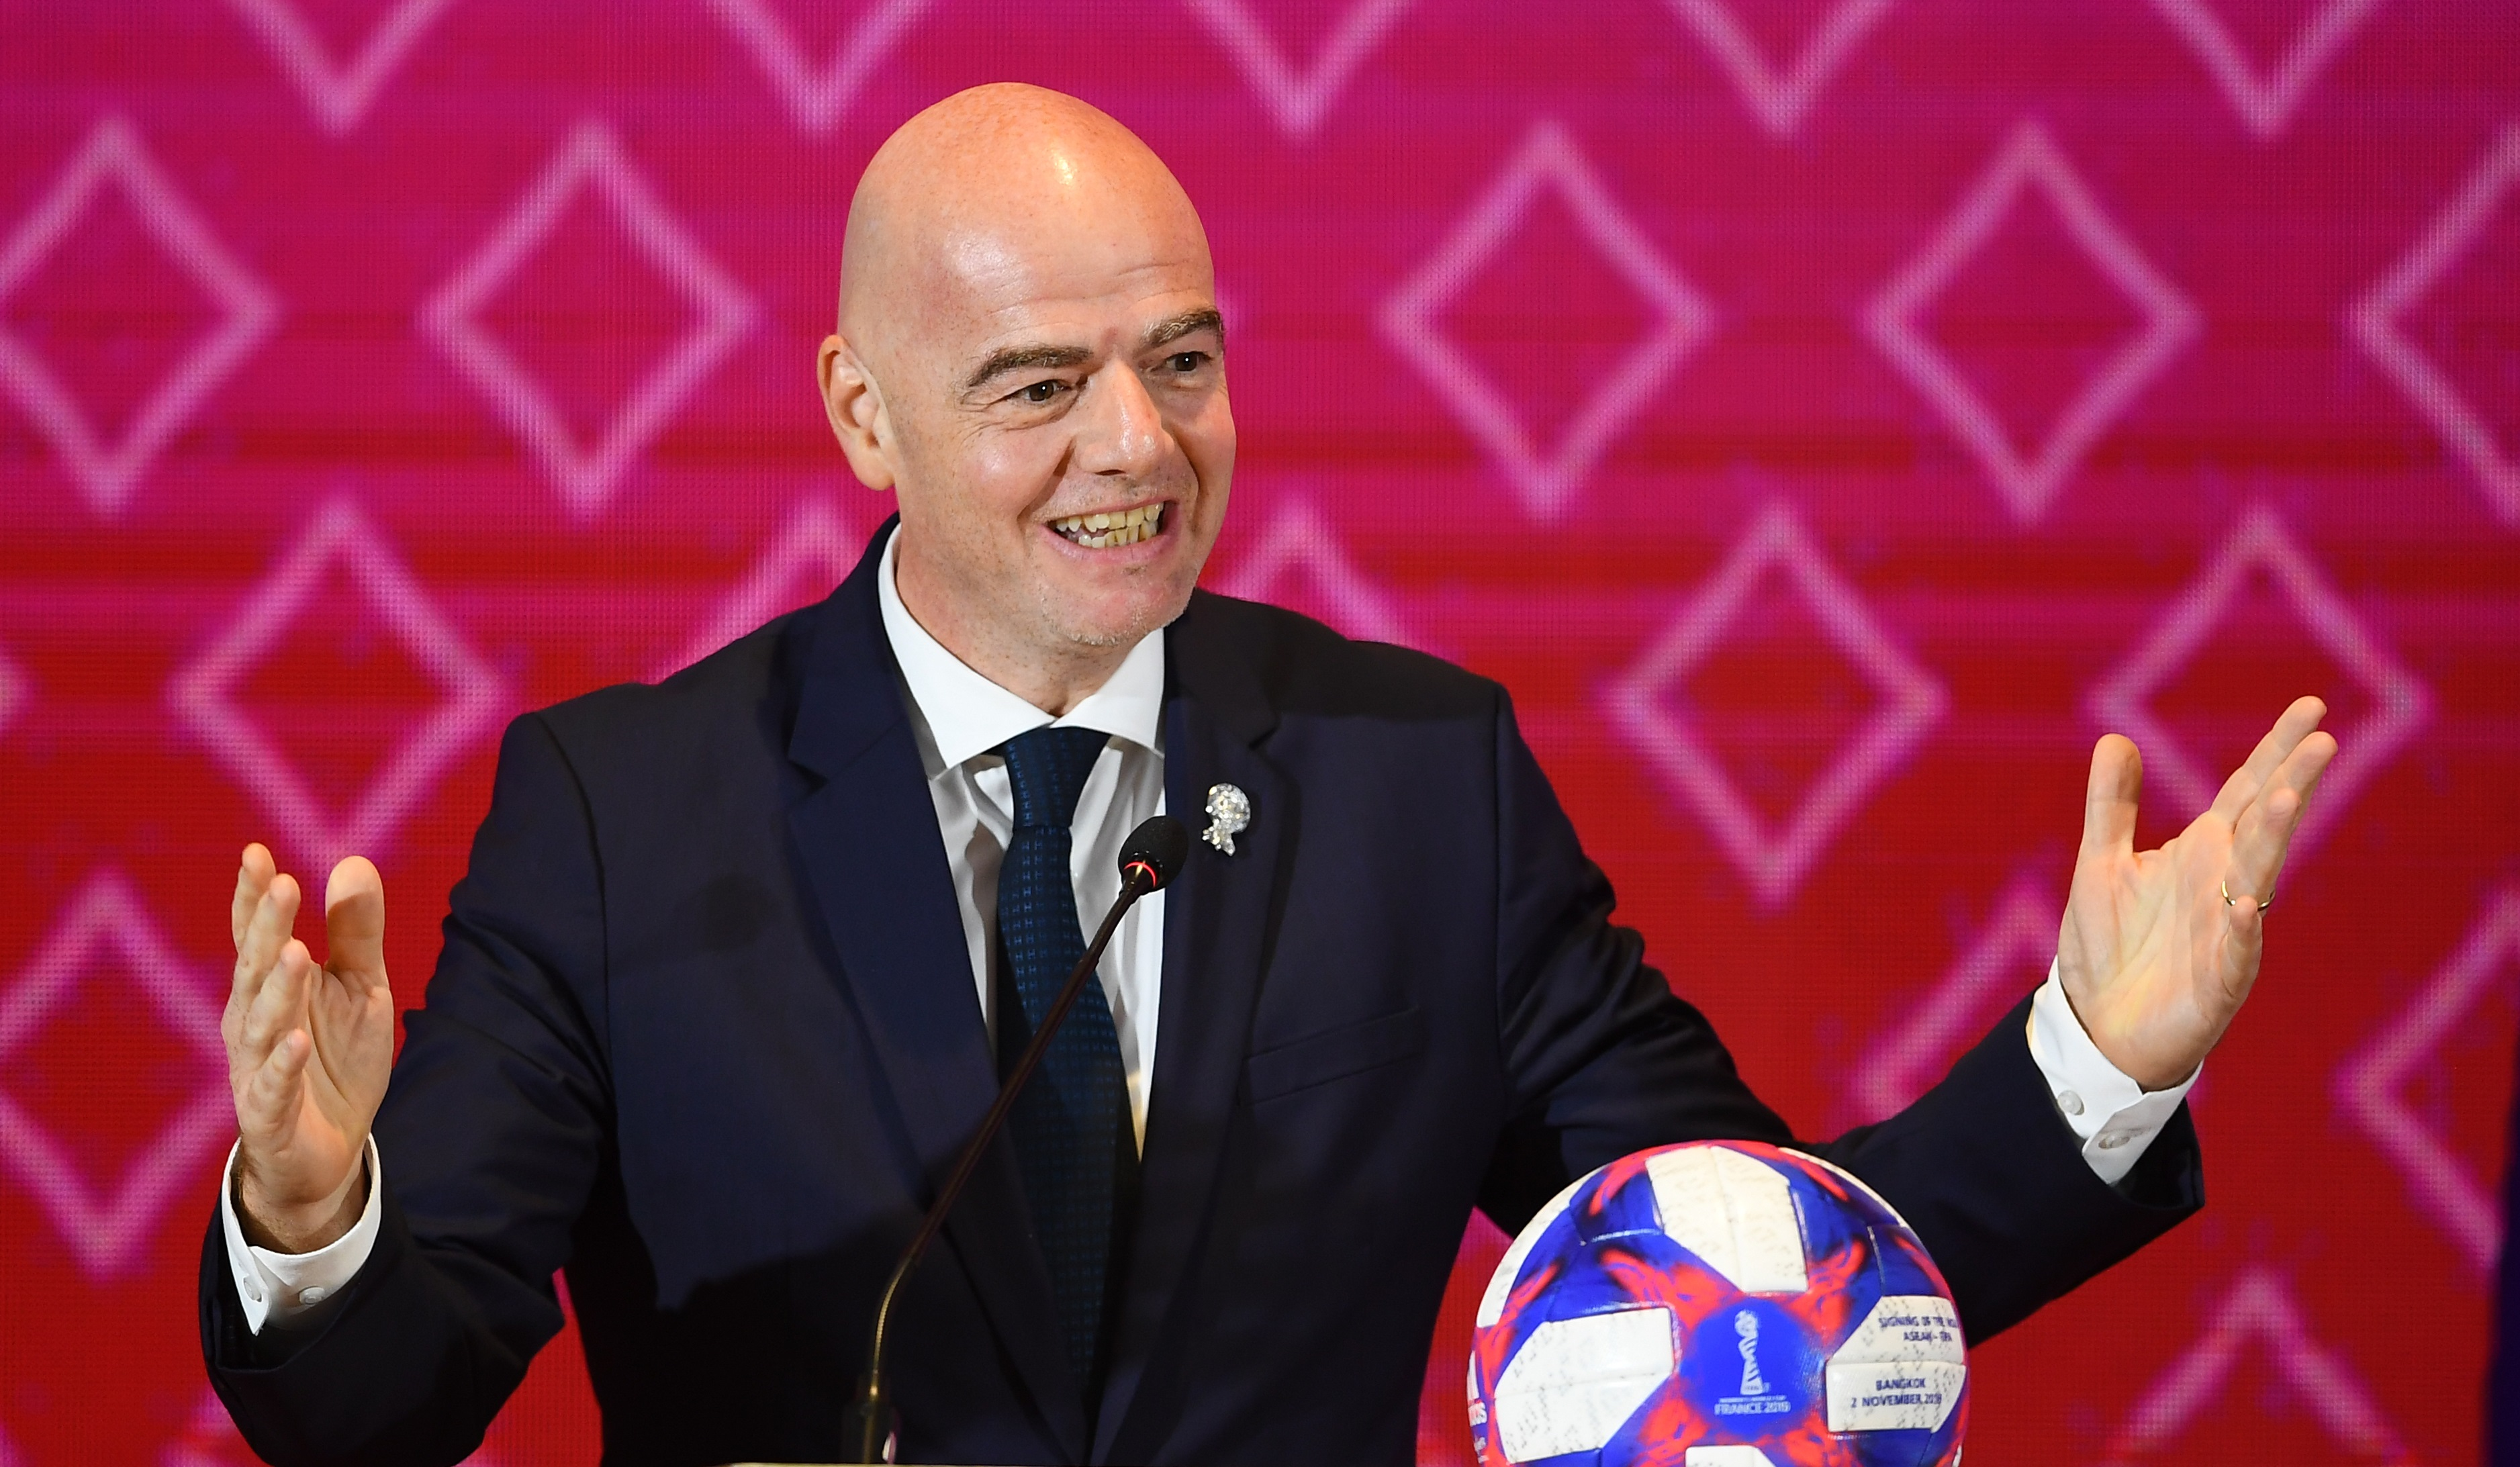 La candidature du patron du football mondial sera proposée en janvier au vote. Ph. AFP/Archives